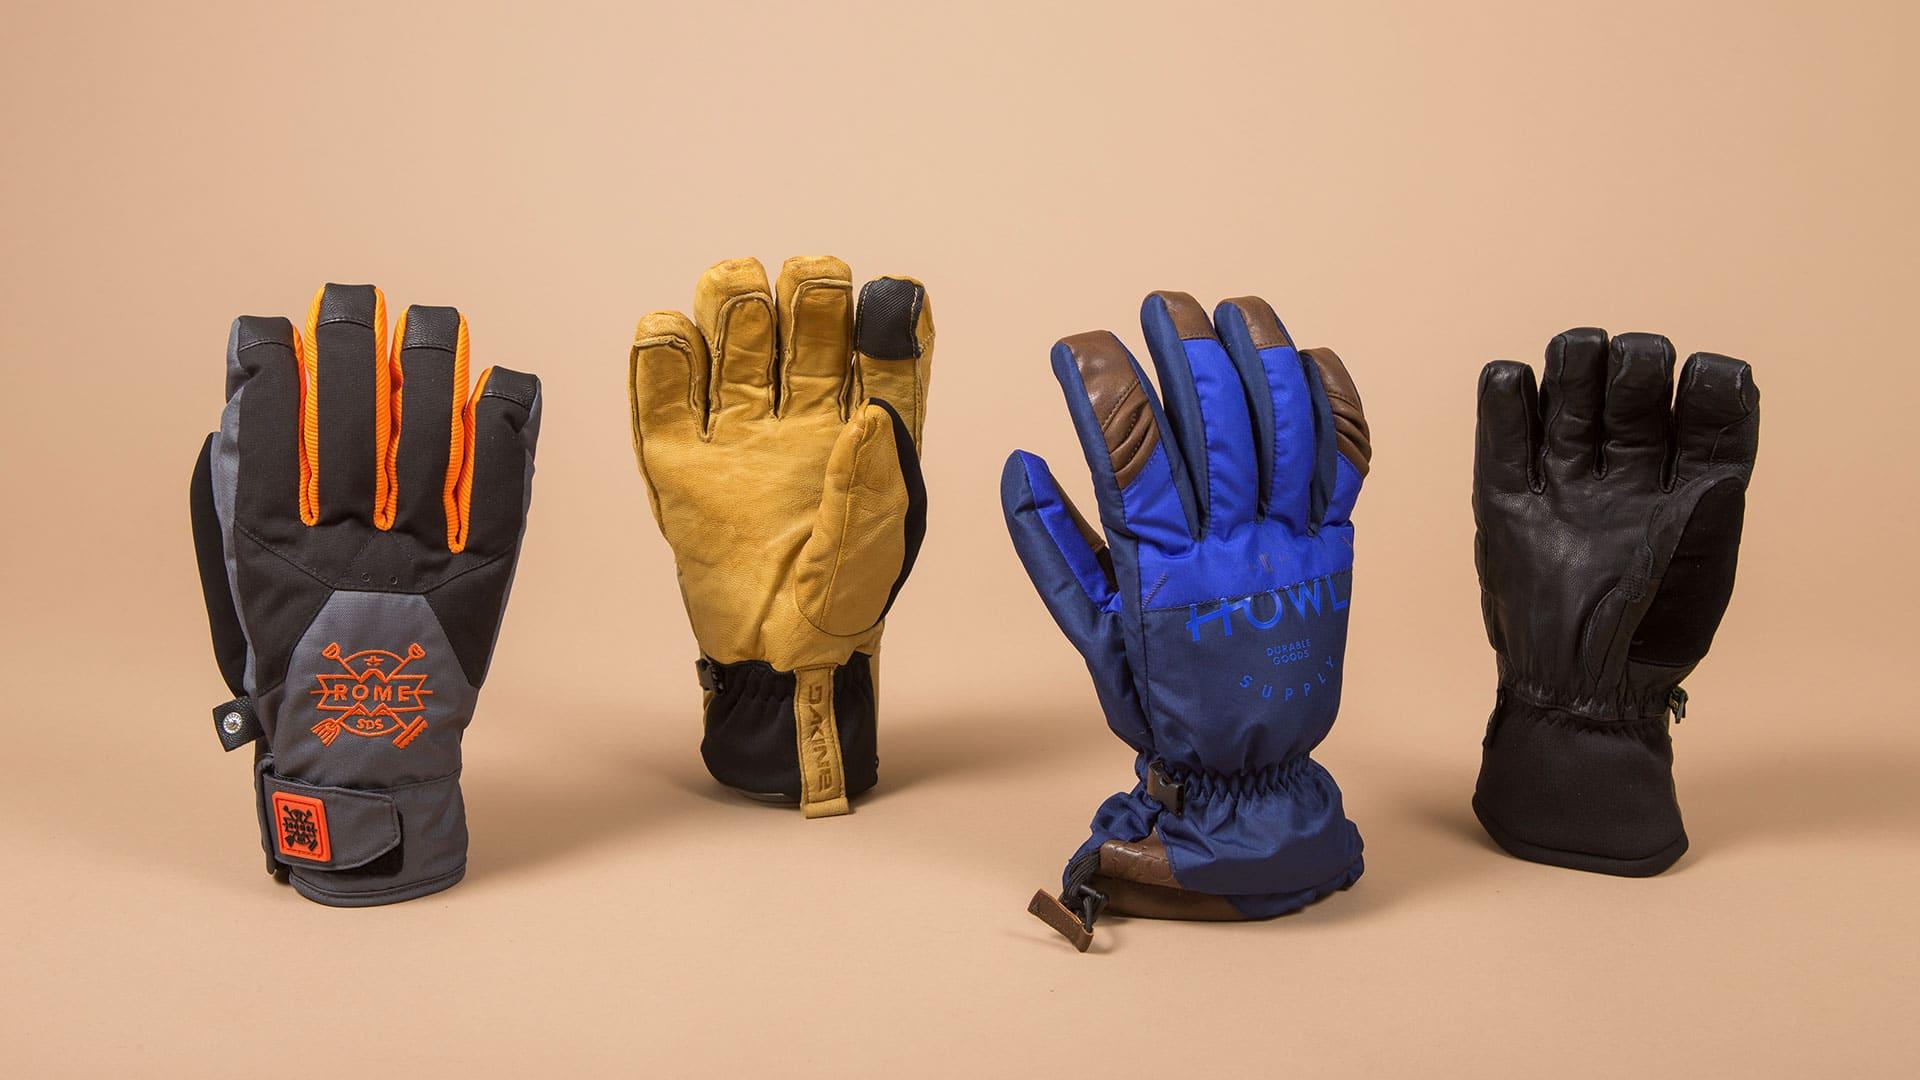 meilleur gant et mitaine de snowboard comparatif guide achat et avis